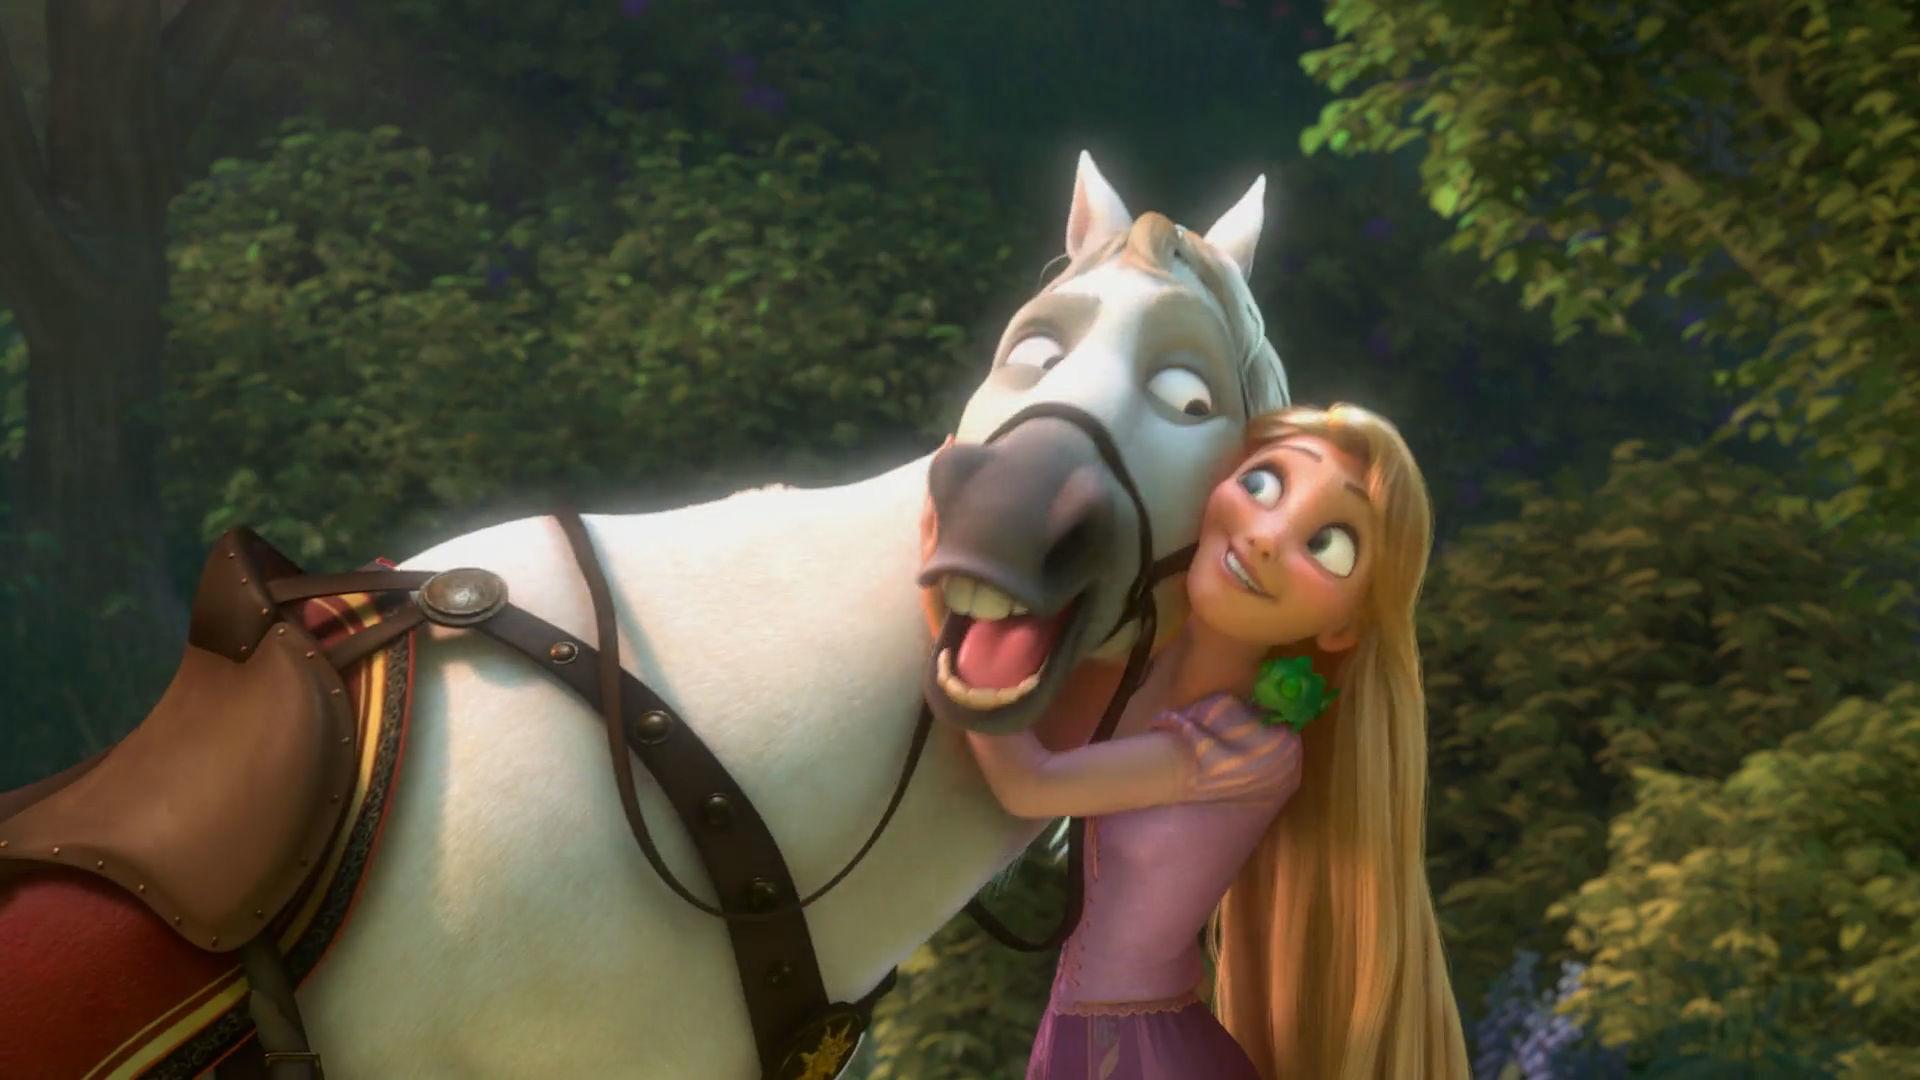 Disney Classic Moments #1: Hugs